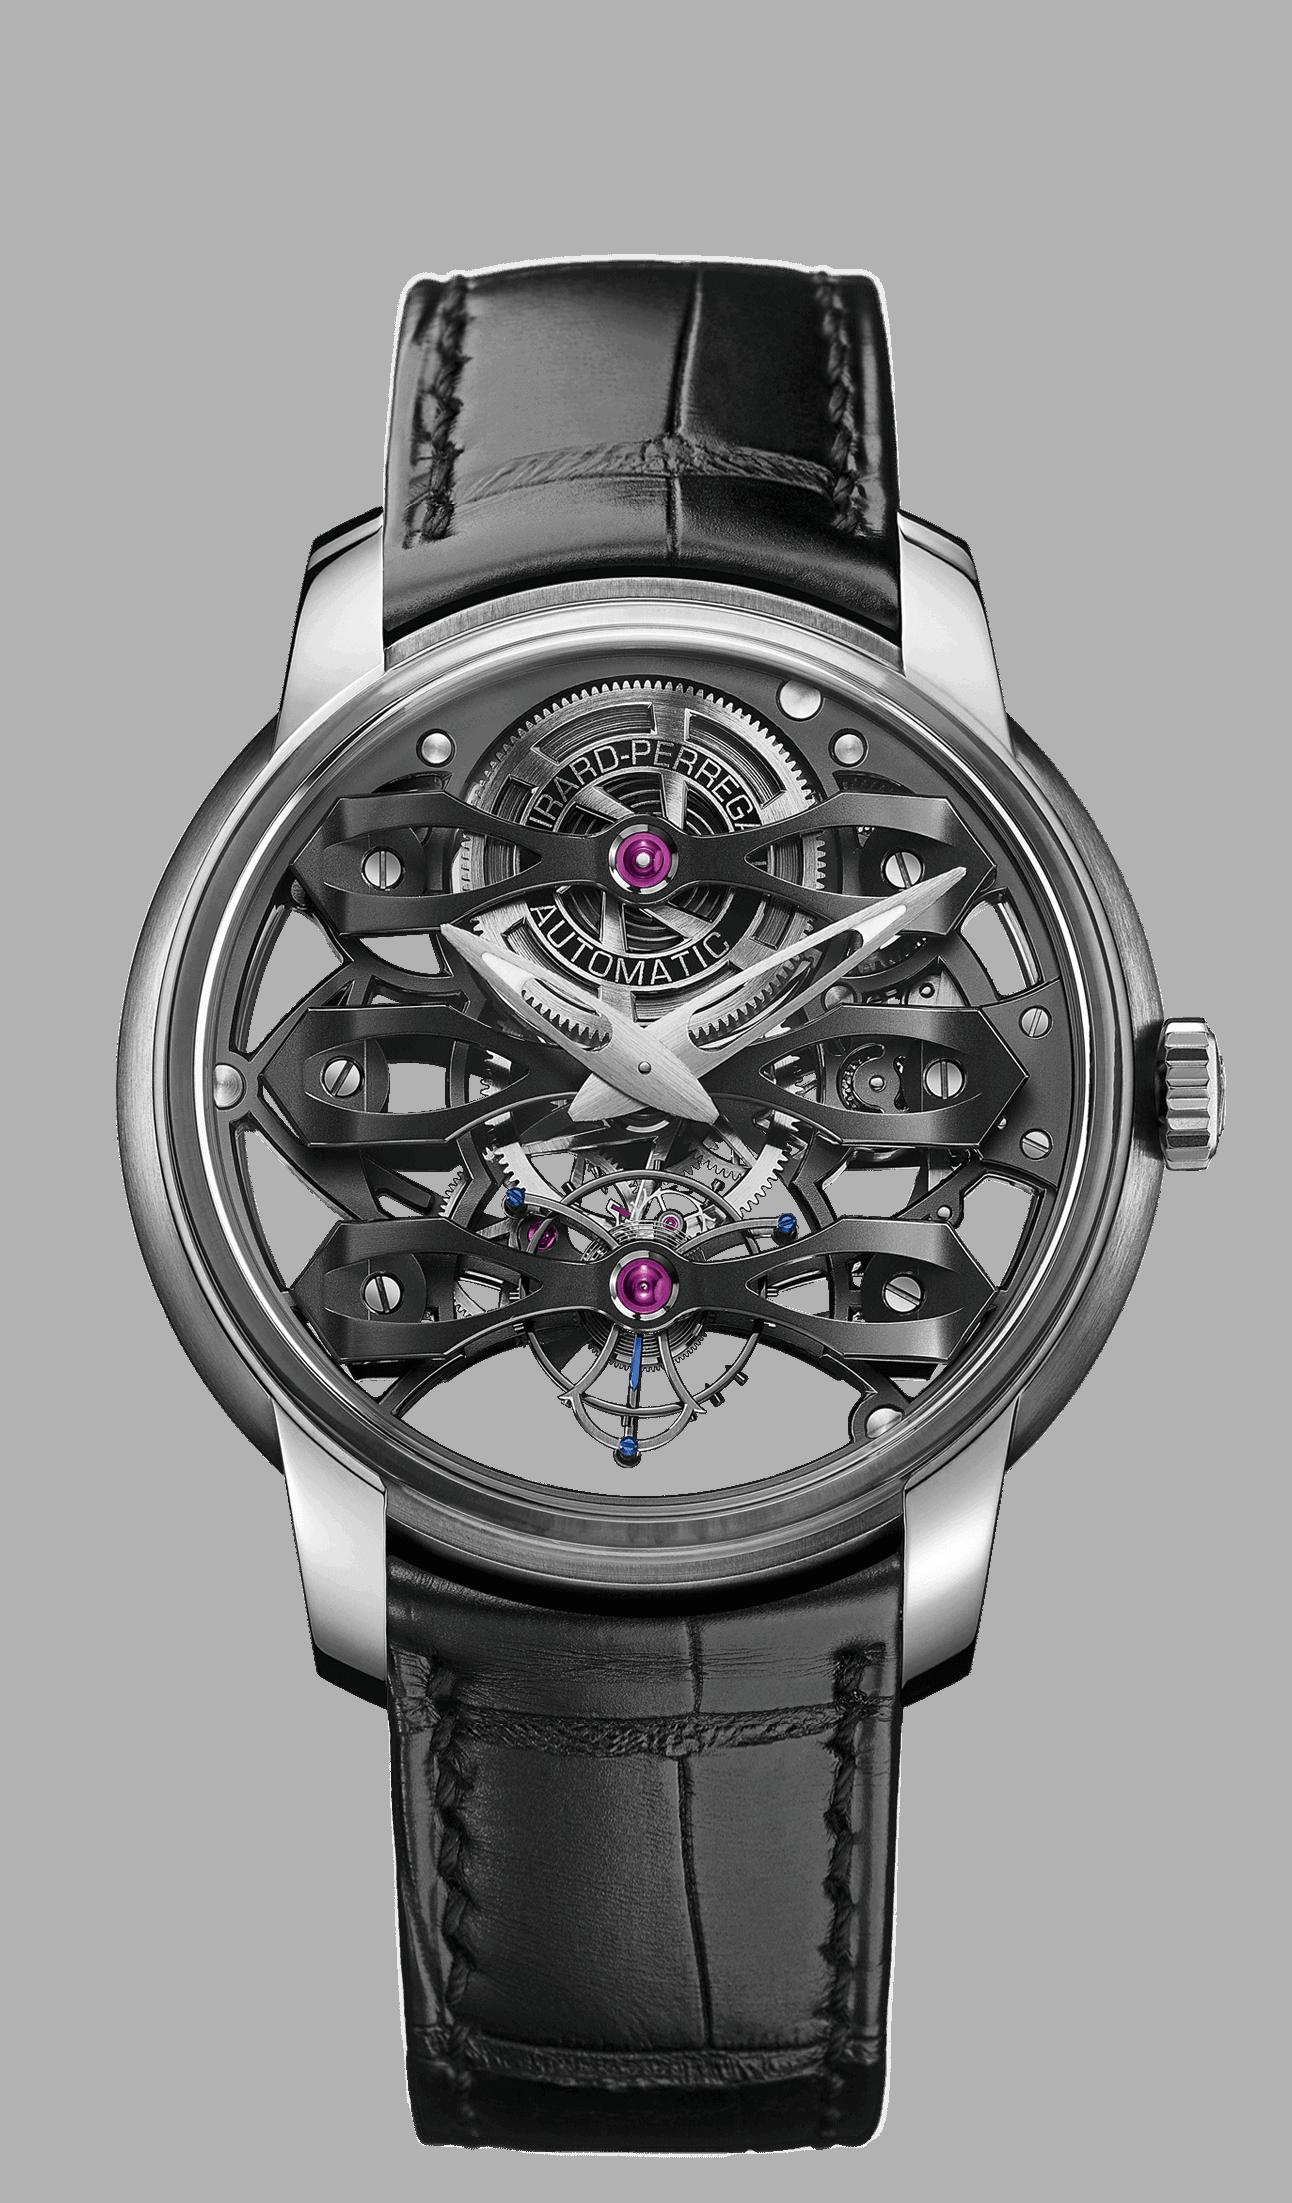 Serie Tourbillons: Das Girard Perregaux Neo Tourbillon Skeleton Girard Perregaux Neo Tourbillon: Diese skelettierte Uhr lässt tief blicken